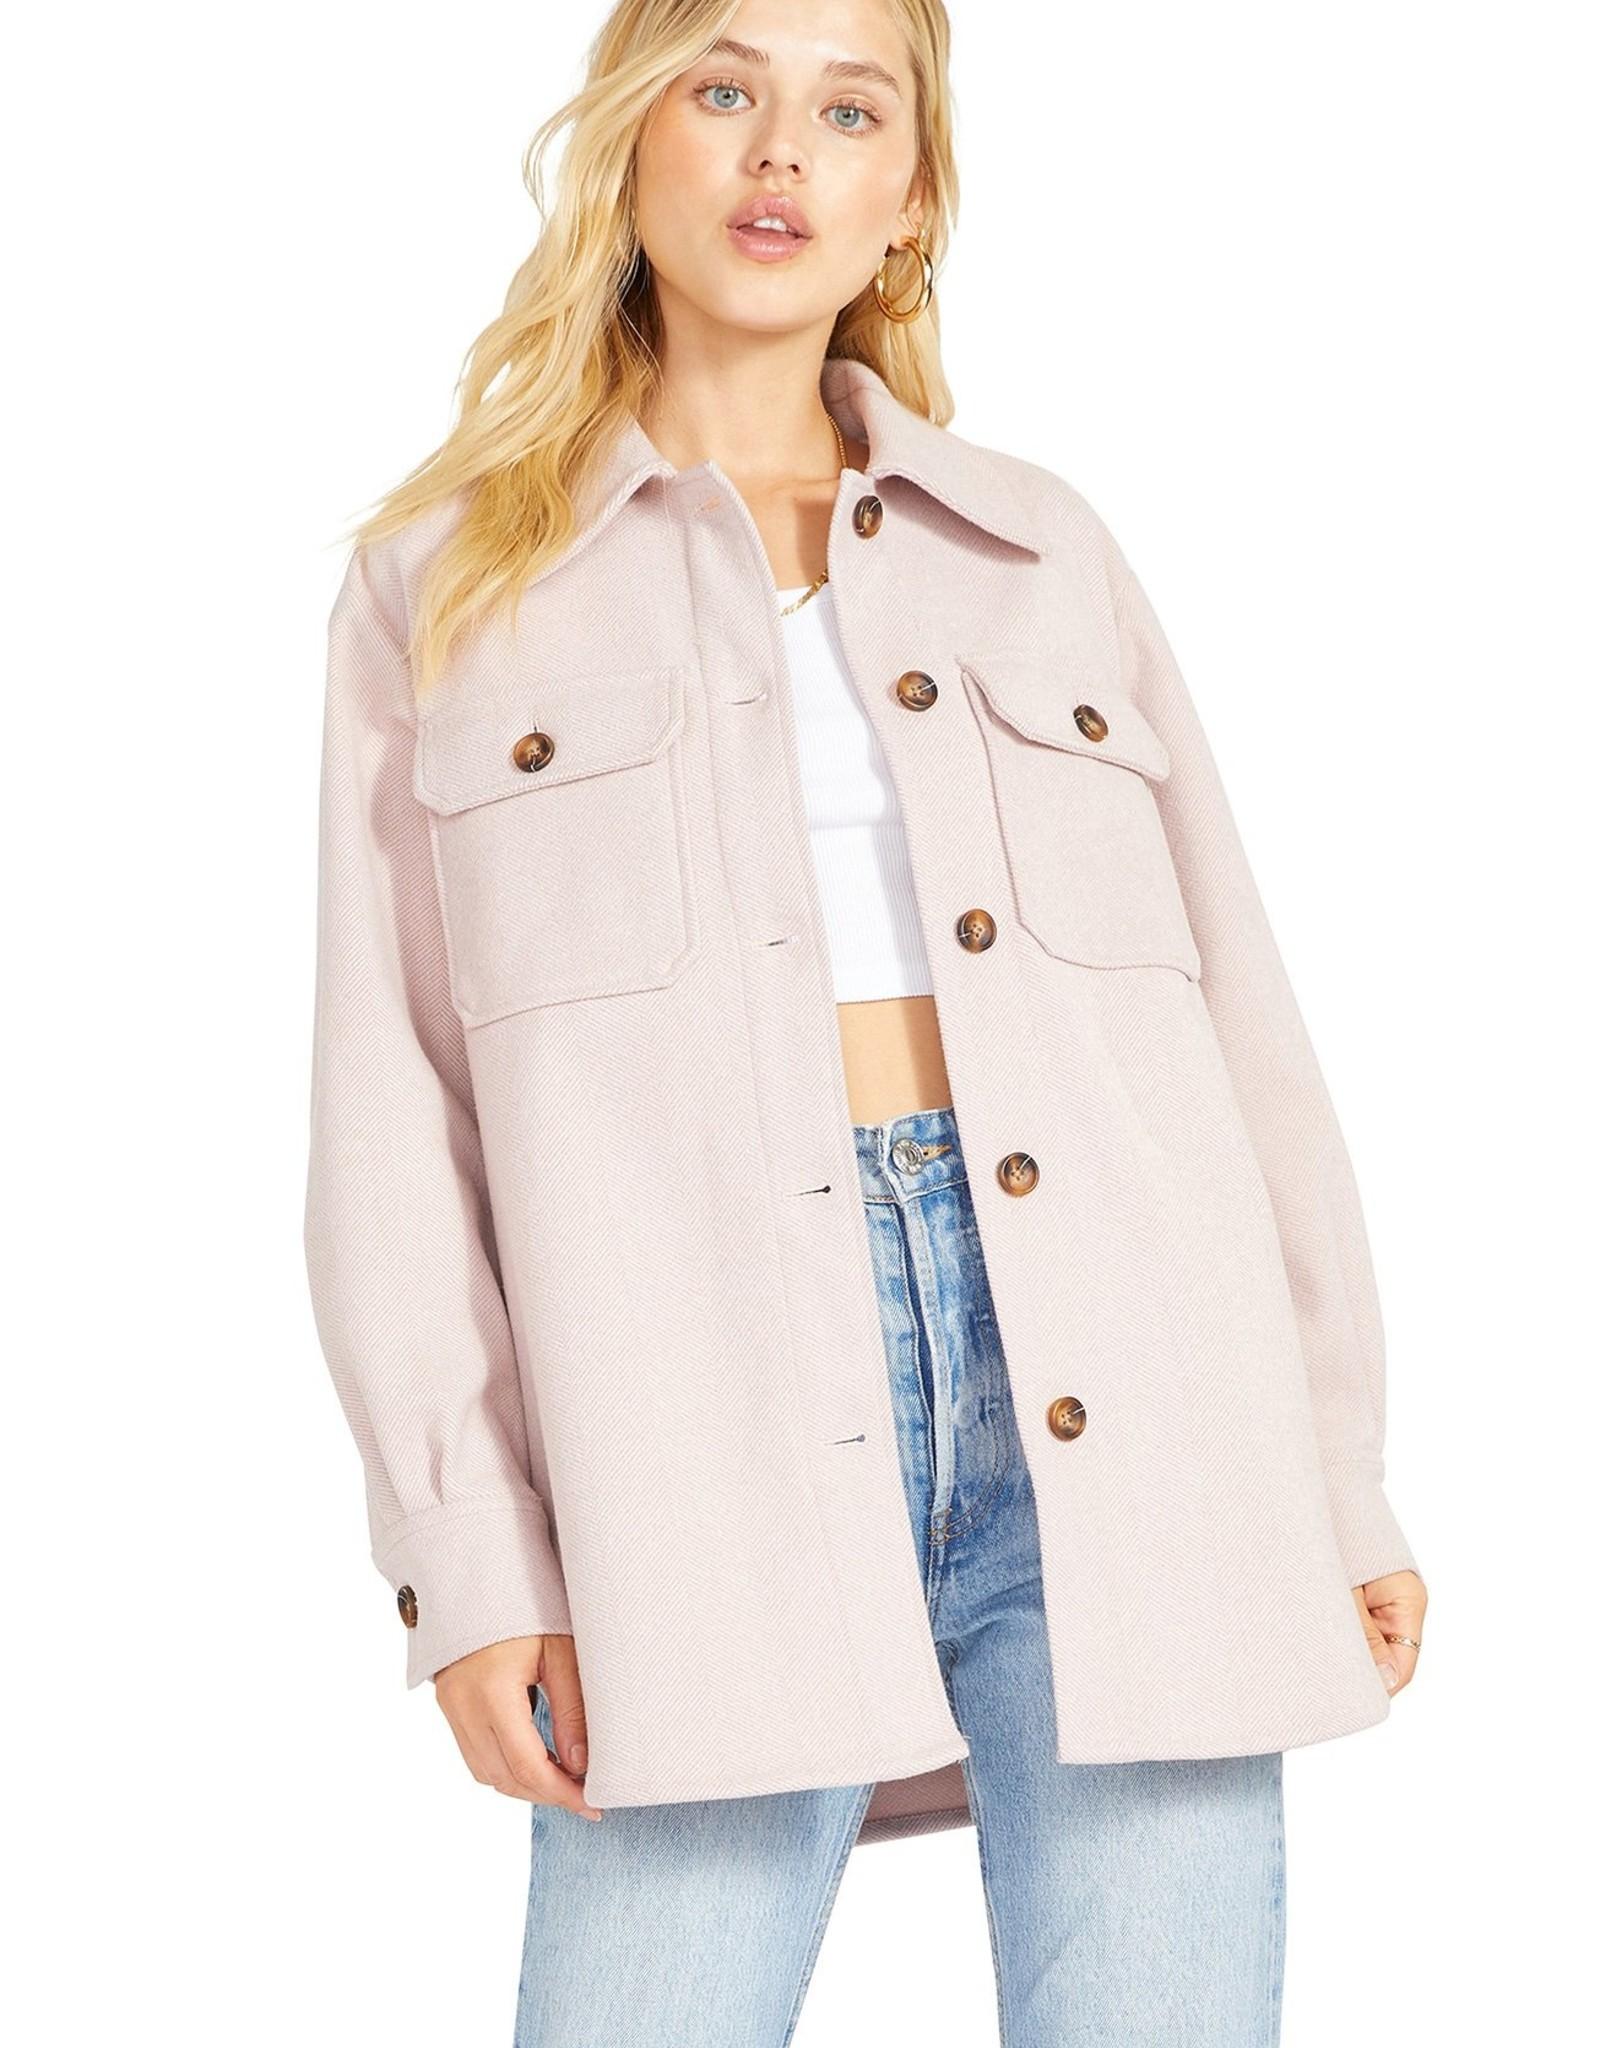 BB Dakota That's Just It Jacket